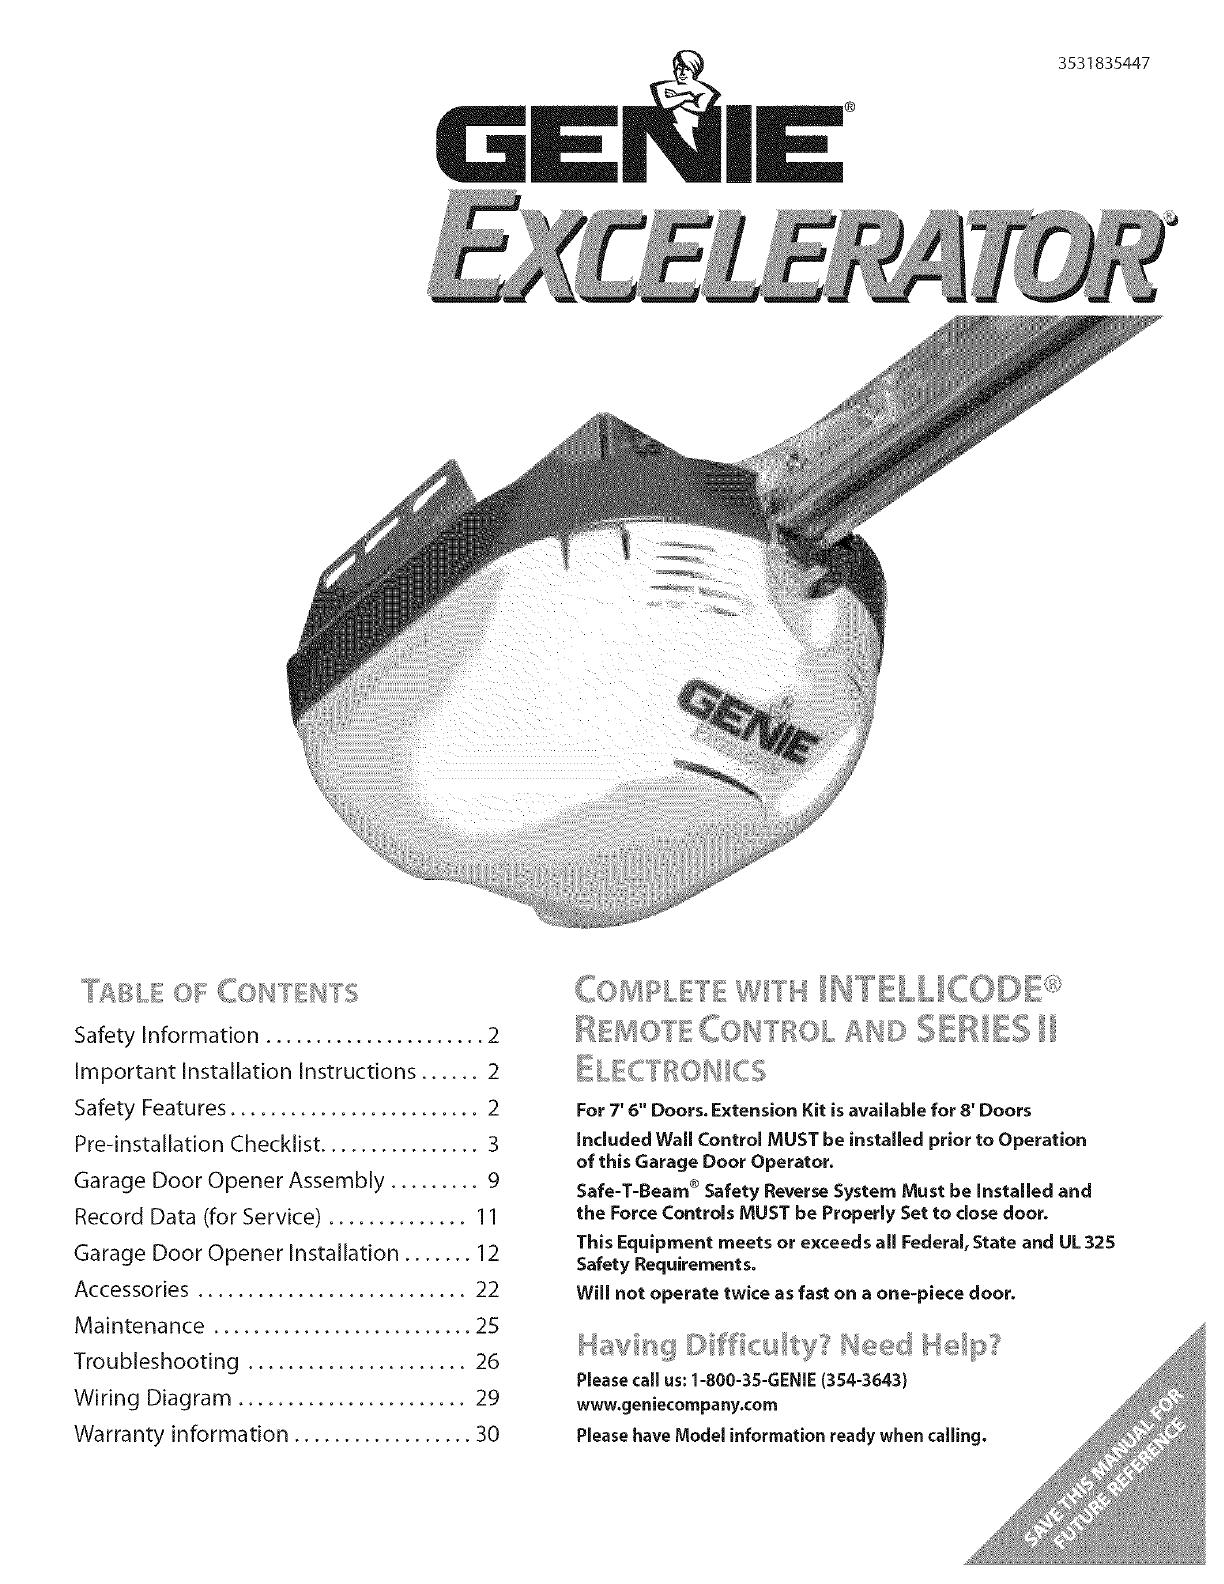 Genie EXCELERATOR User Manual GARAGE DOOR OPENER Manuals And Guides L0703287UserManual.wiki